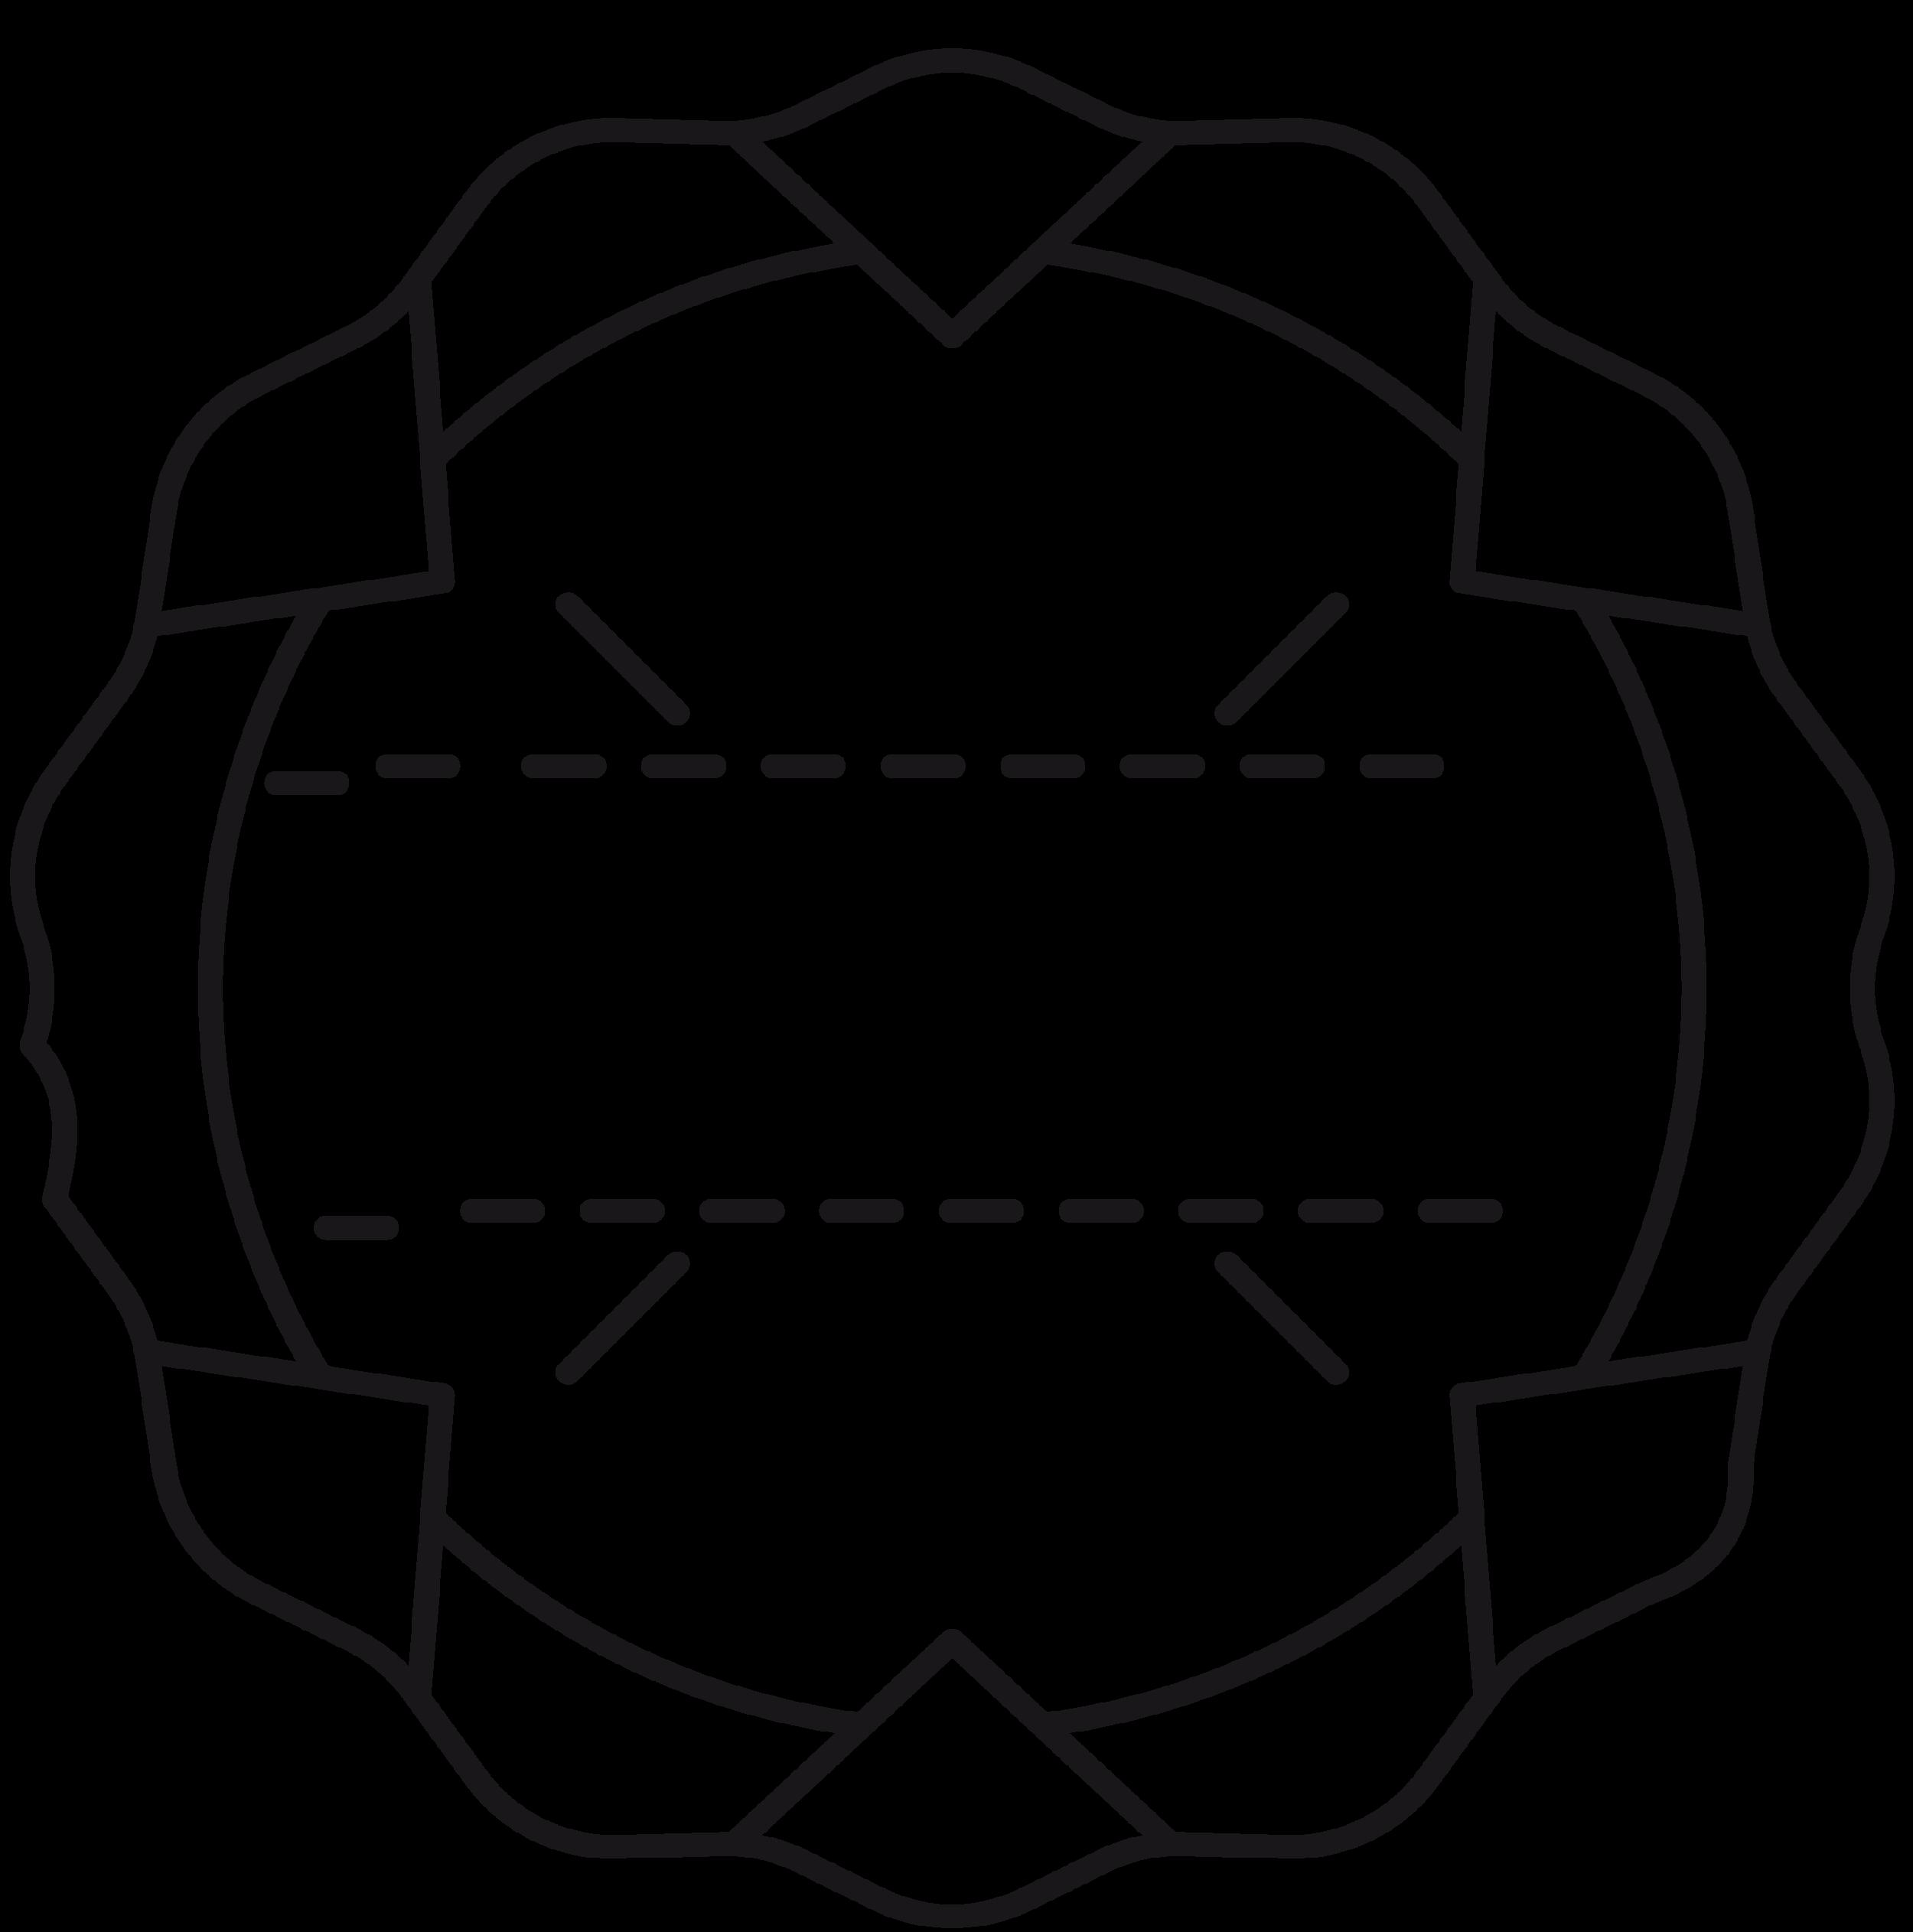 Logo Questionaire